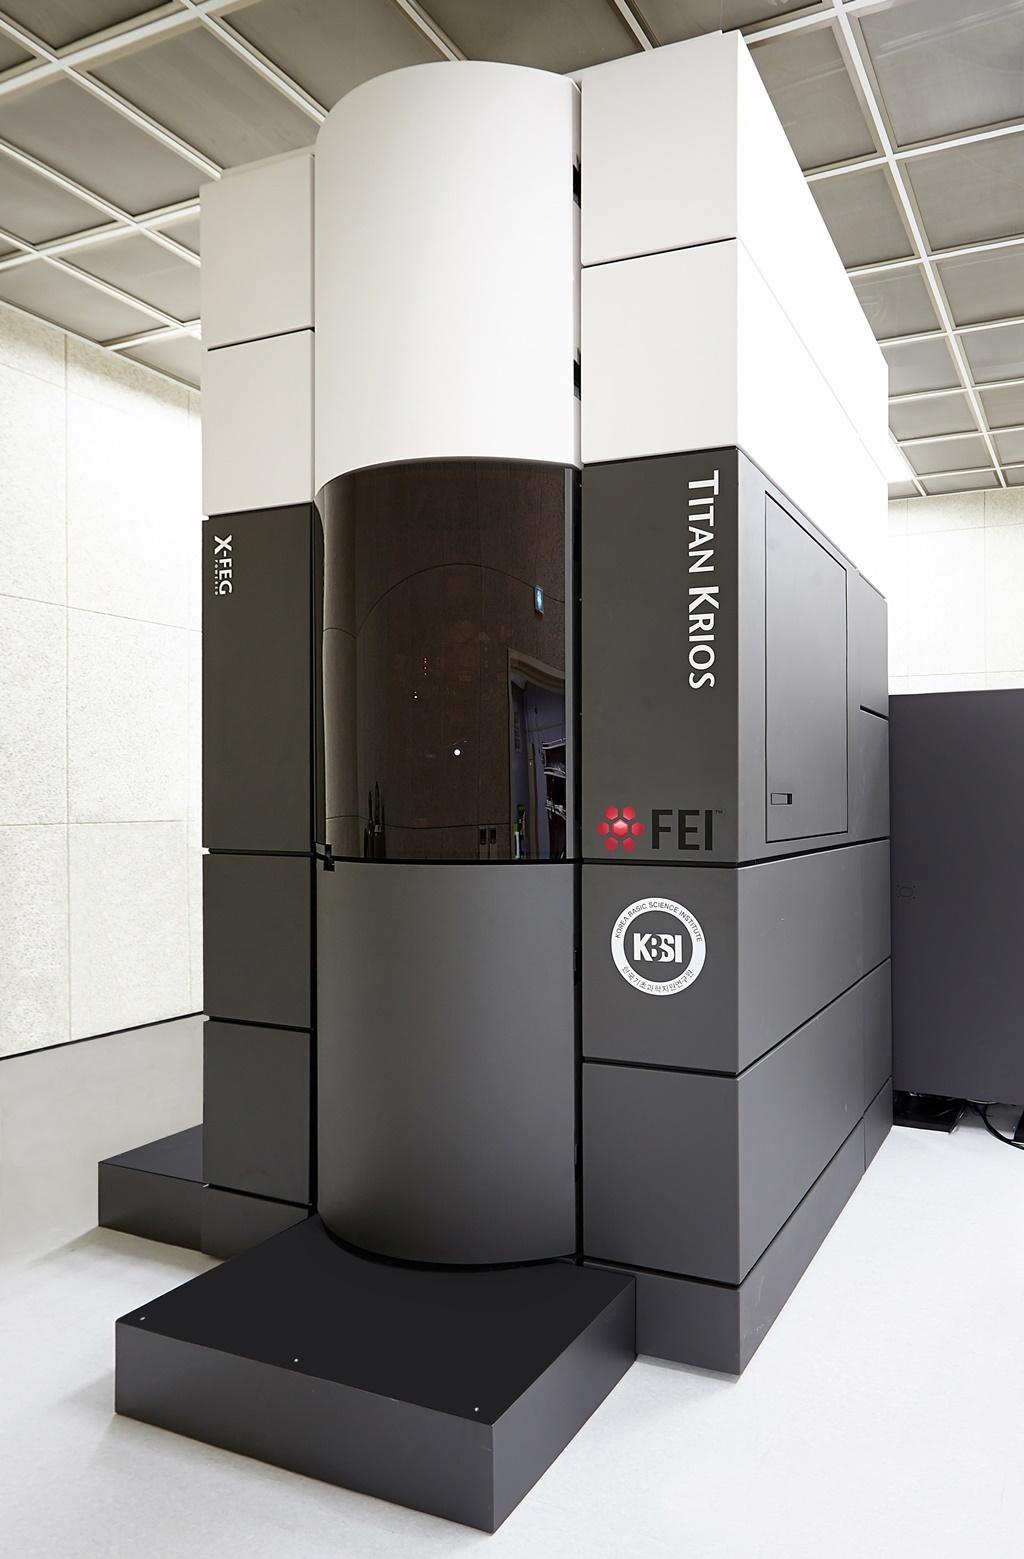 커넥신 단백질 3차원 구조 분석에 사용된 KBSI 초저온 투과전자현미경 시스템(Cryo-EM system) 장비 중 고분해능 바이오 투과전자현미경